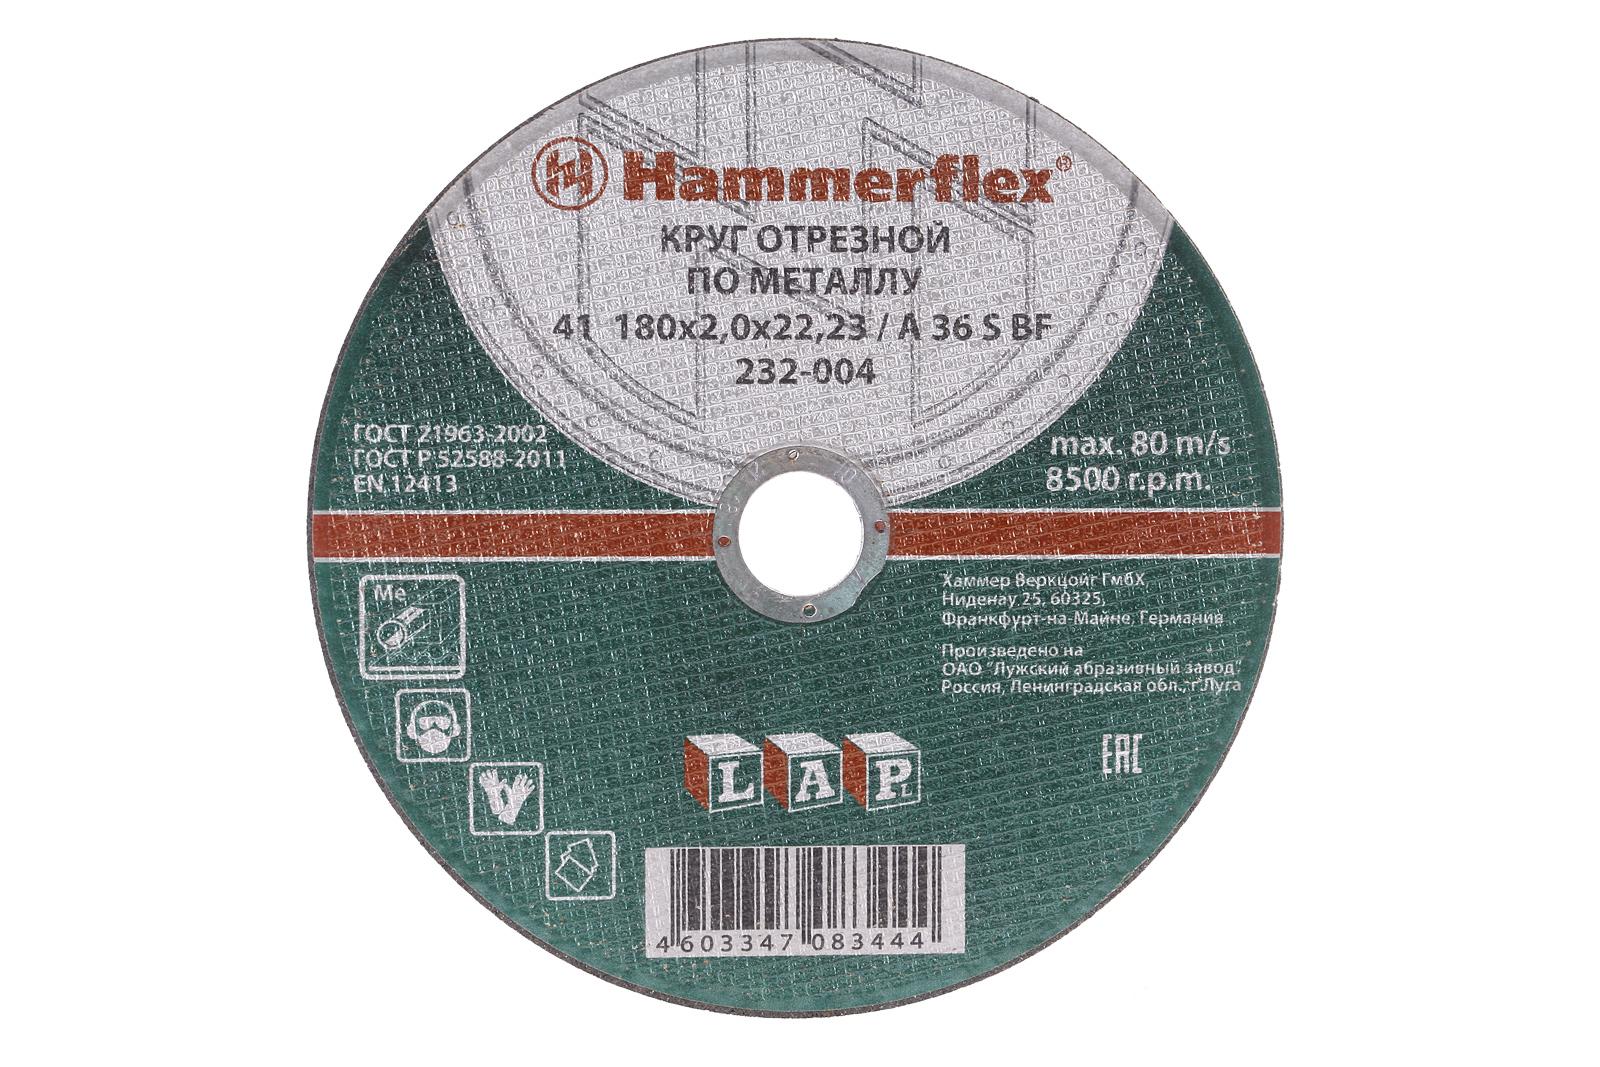 Круг отрезной Hammer 180 x 2.0 x 22 по металлу Коробка (150шт.) круг отрезной hammer flex 115 x 1 6 x 22 по металлу и нержавеющей стали 25шт